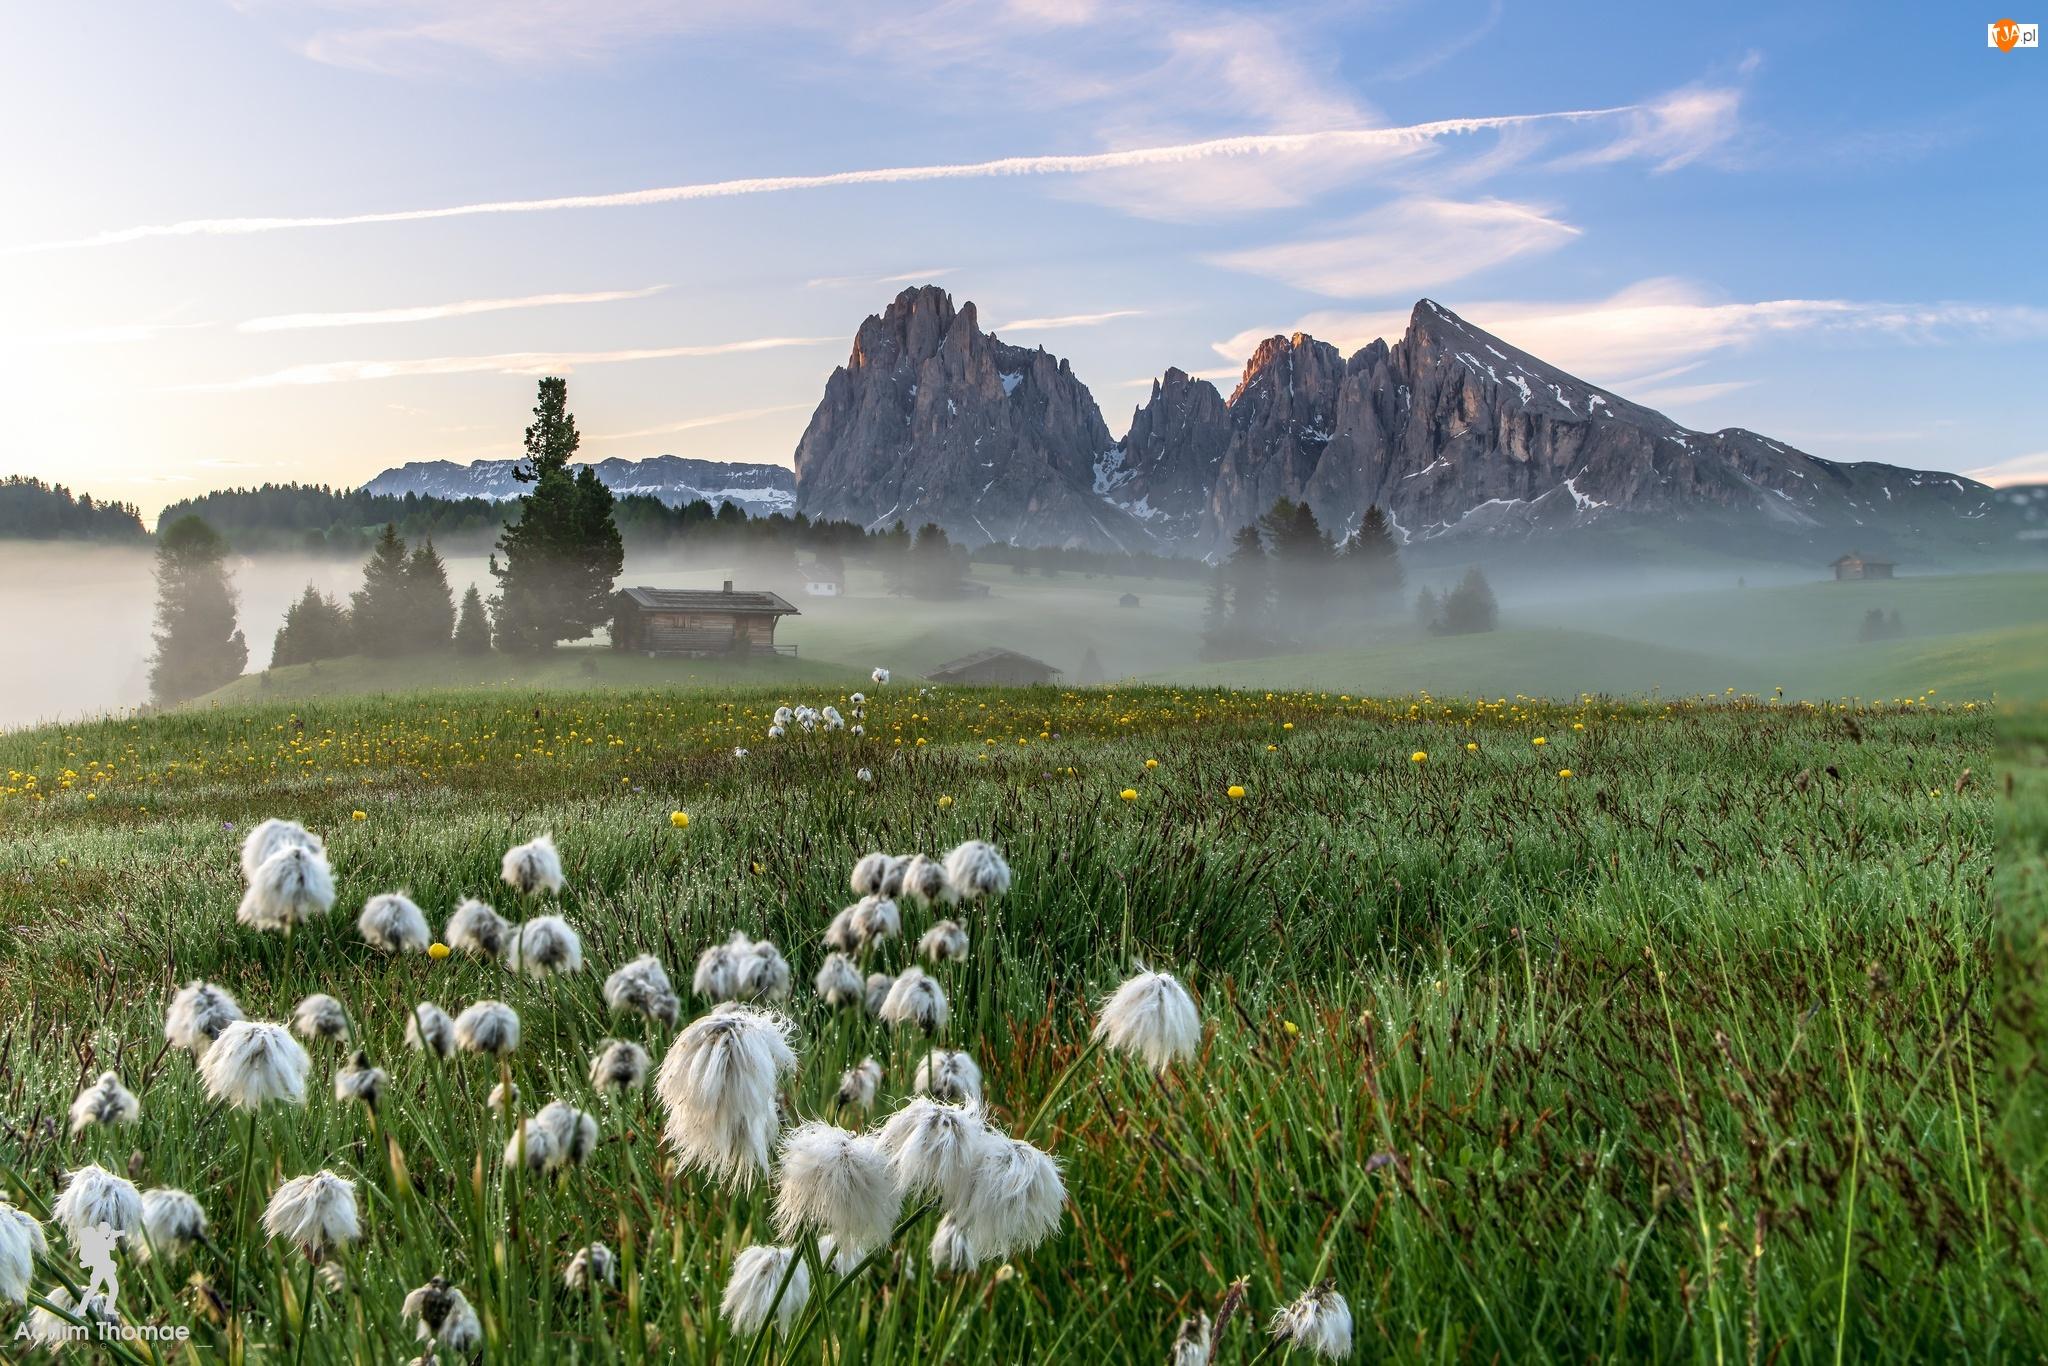 Włochy, Kwiaty, Dolomity, Dolina Val Gardena, Góry Sassolungo, Domy, Mgła, Łąka, Płaskowyż Seiser Alm